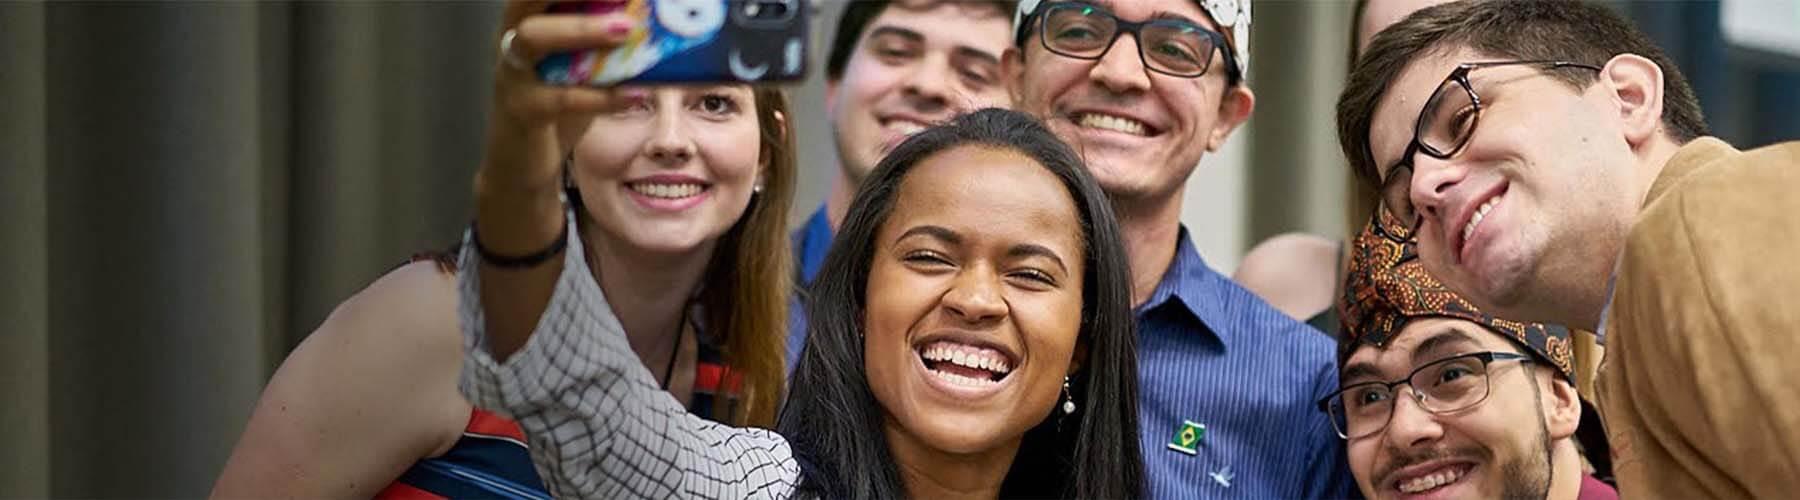 Un grupo de colegas parados juntos, sonriendo, mientras una mujer joven afroamericana se para en el centro del grupo y toma una selfi.